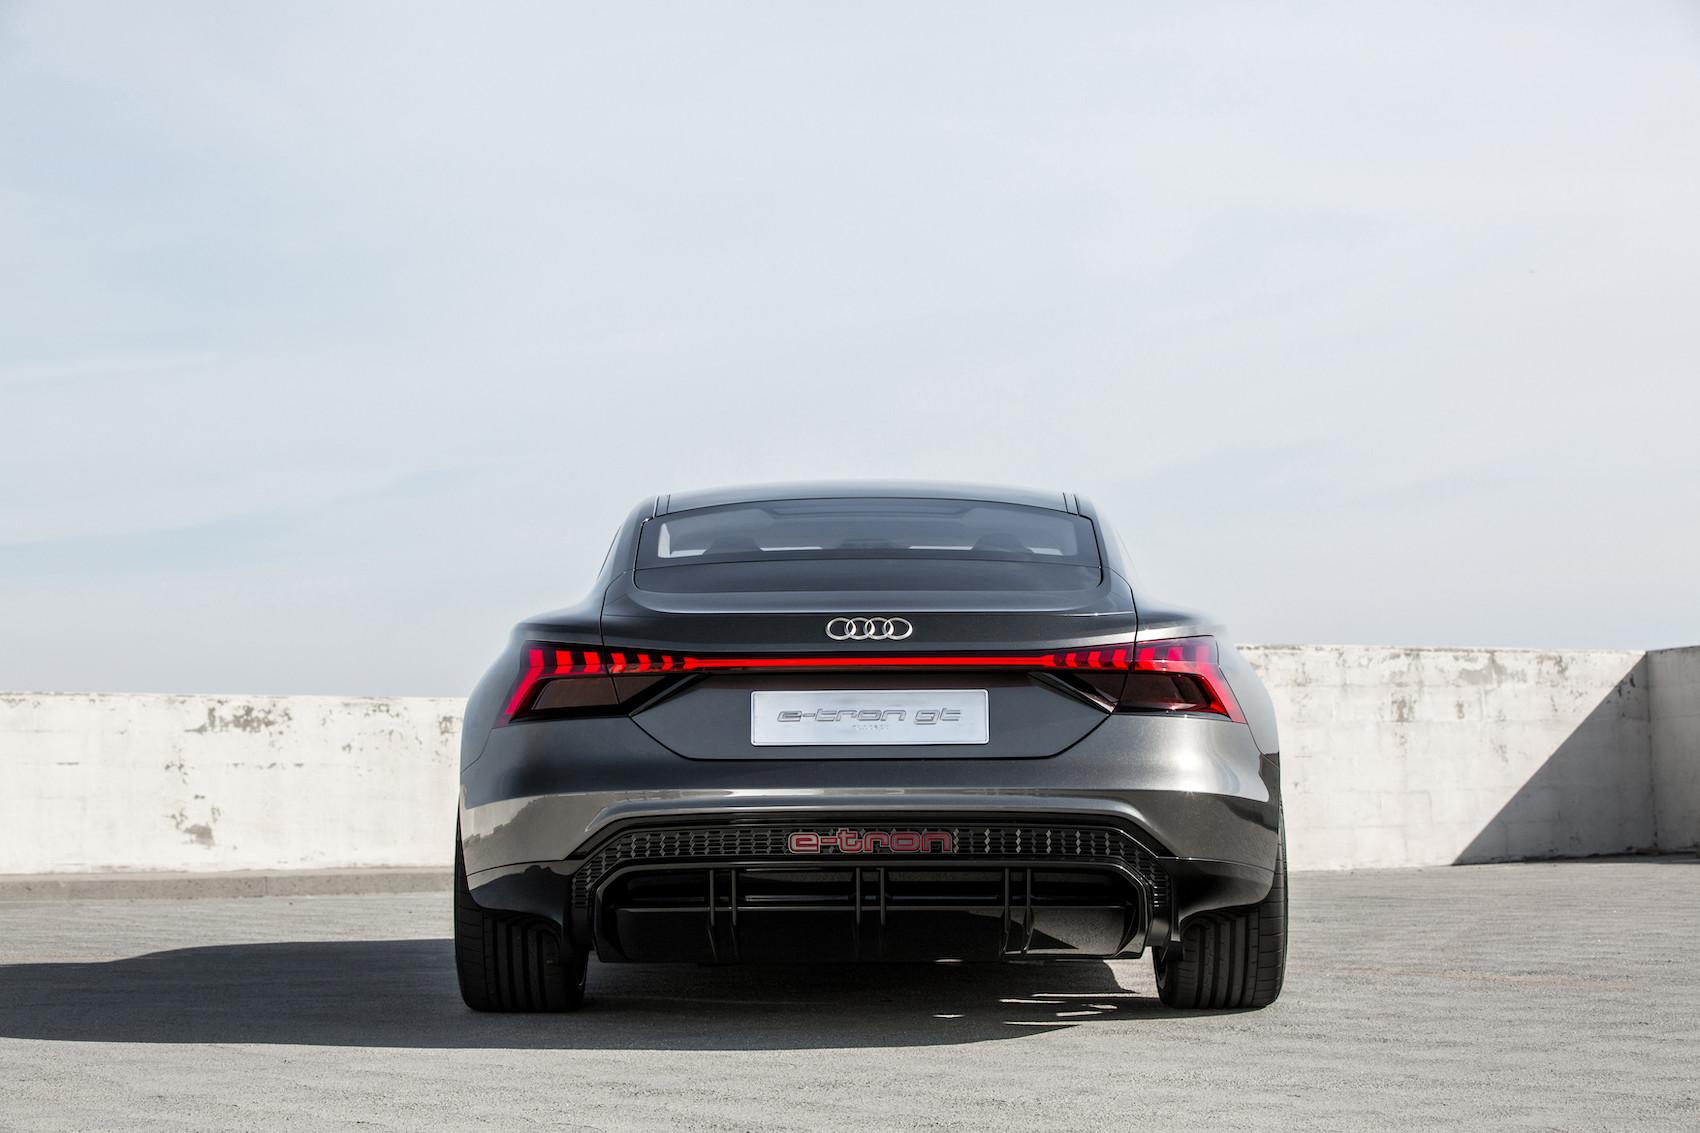 Der e-tron GT concept zeigt die nächste Evolutionsstufe der Audi-Formensprache auf. (Audi)